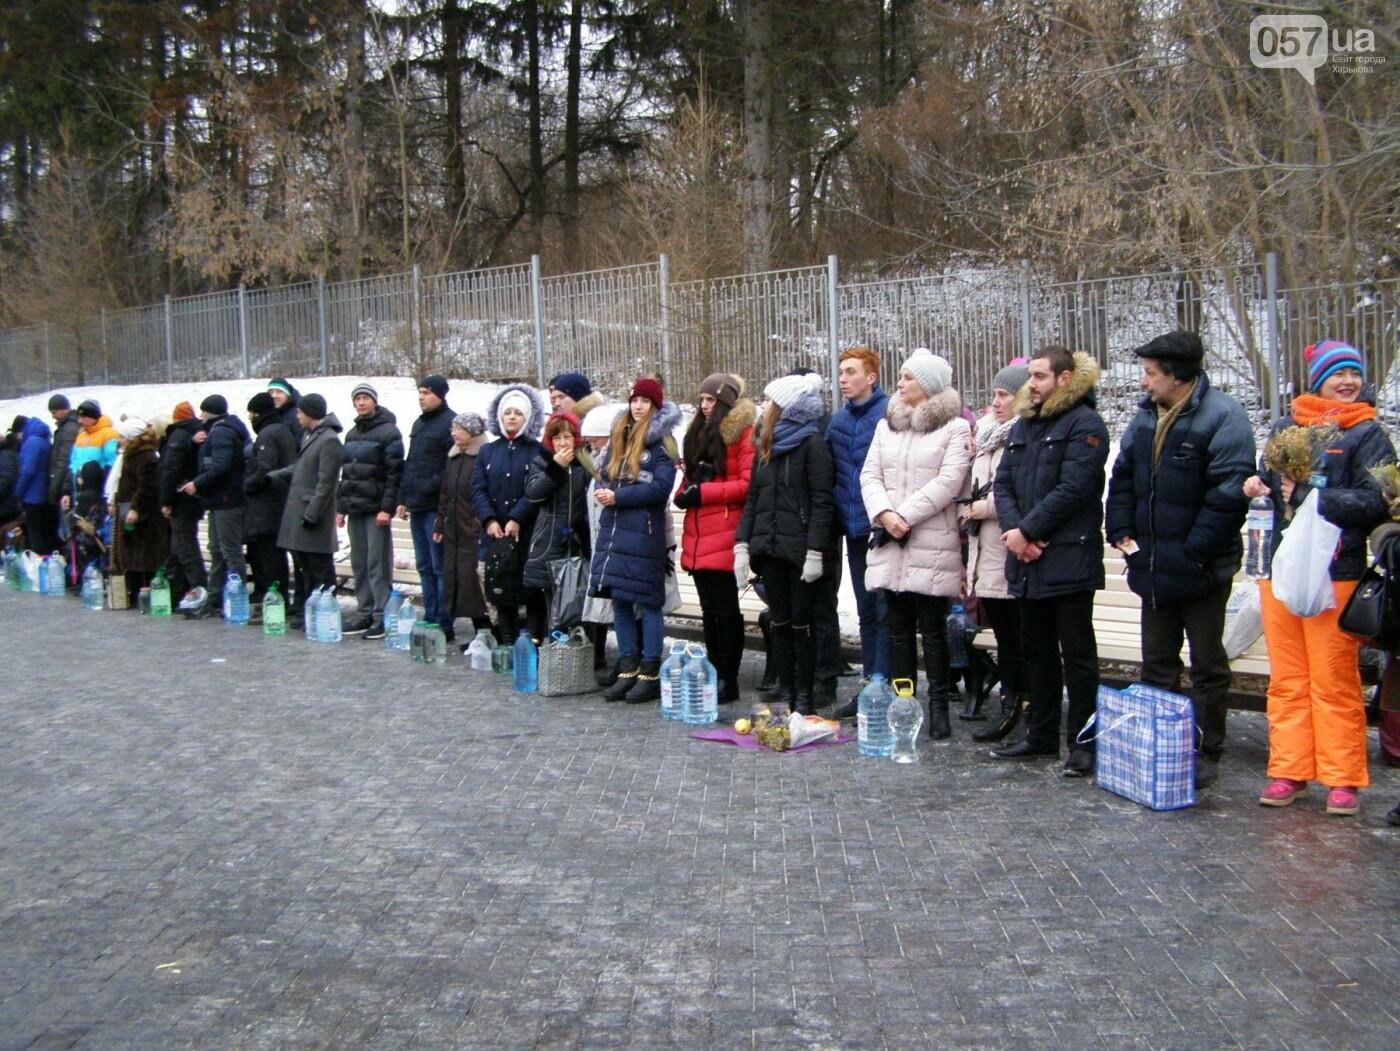 Массовые купания в источнике: как харьковчане отметили Крещение (ФОТО), фото-3